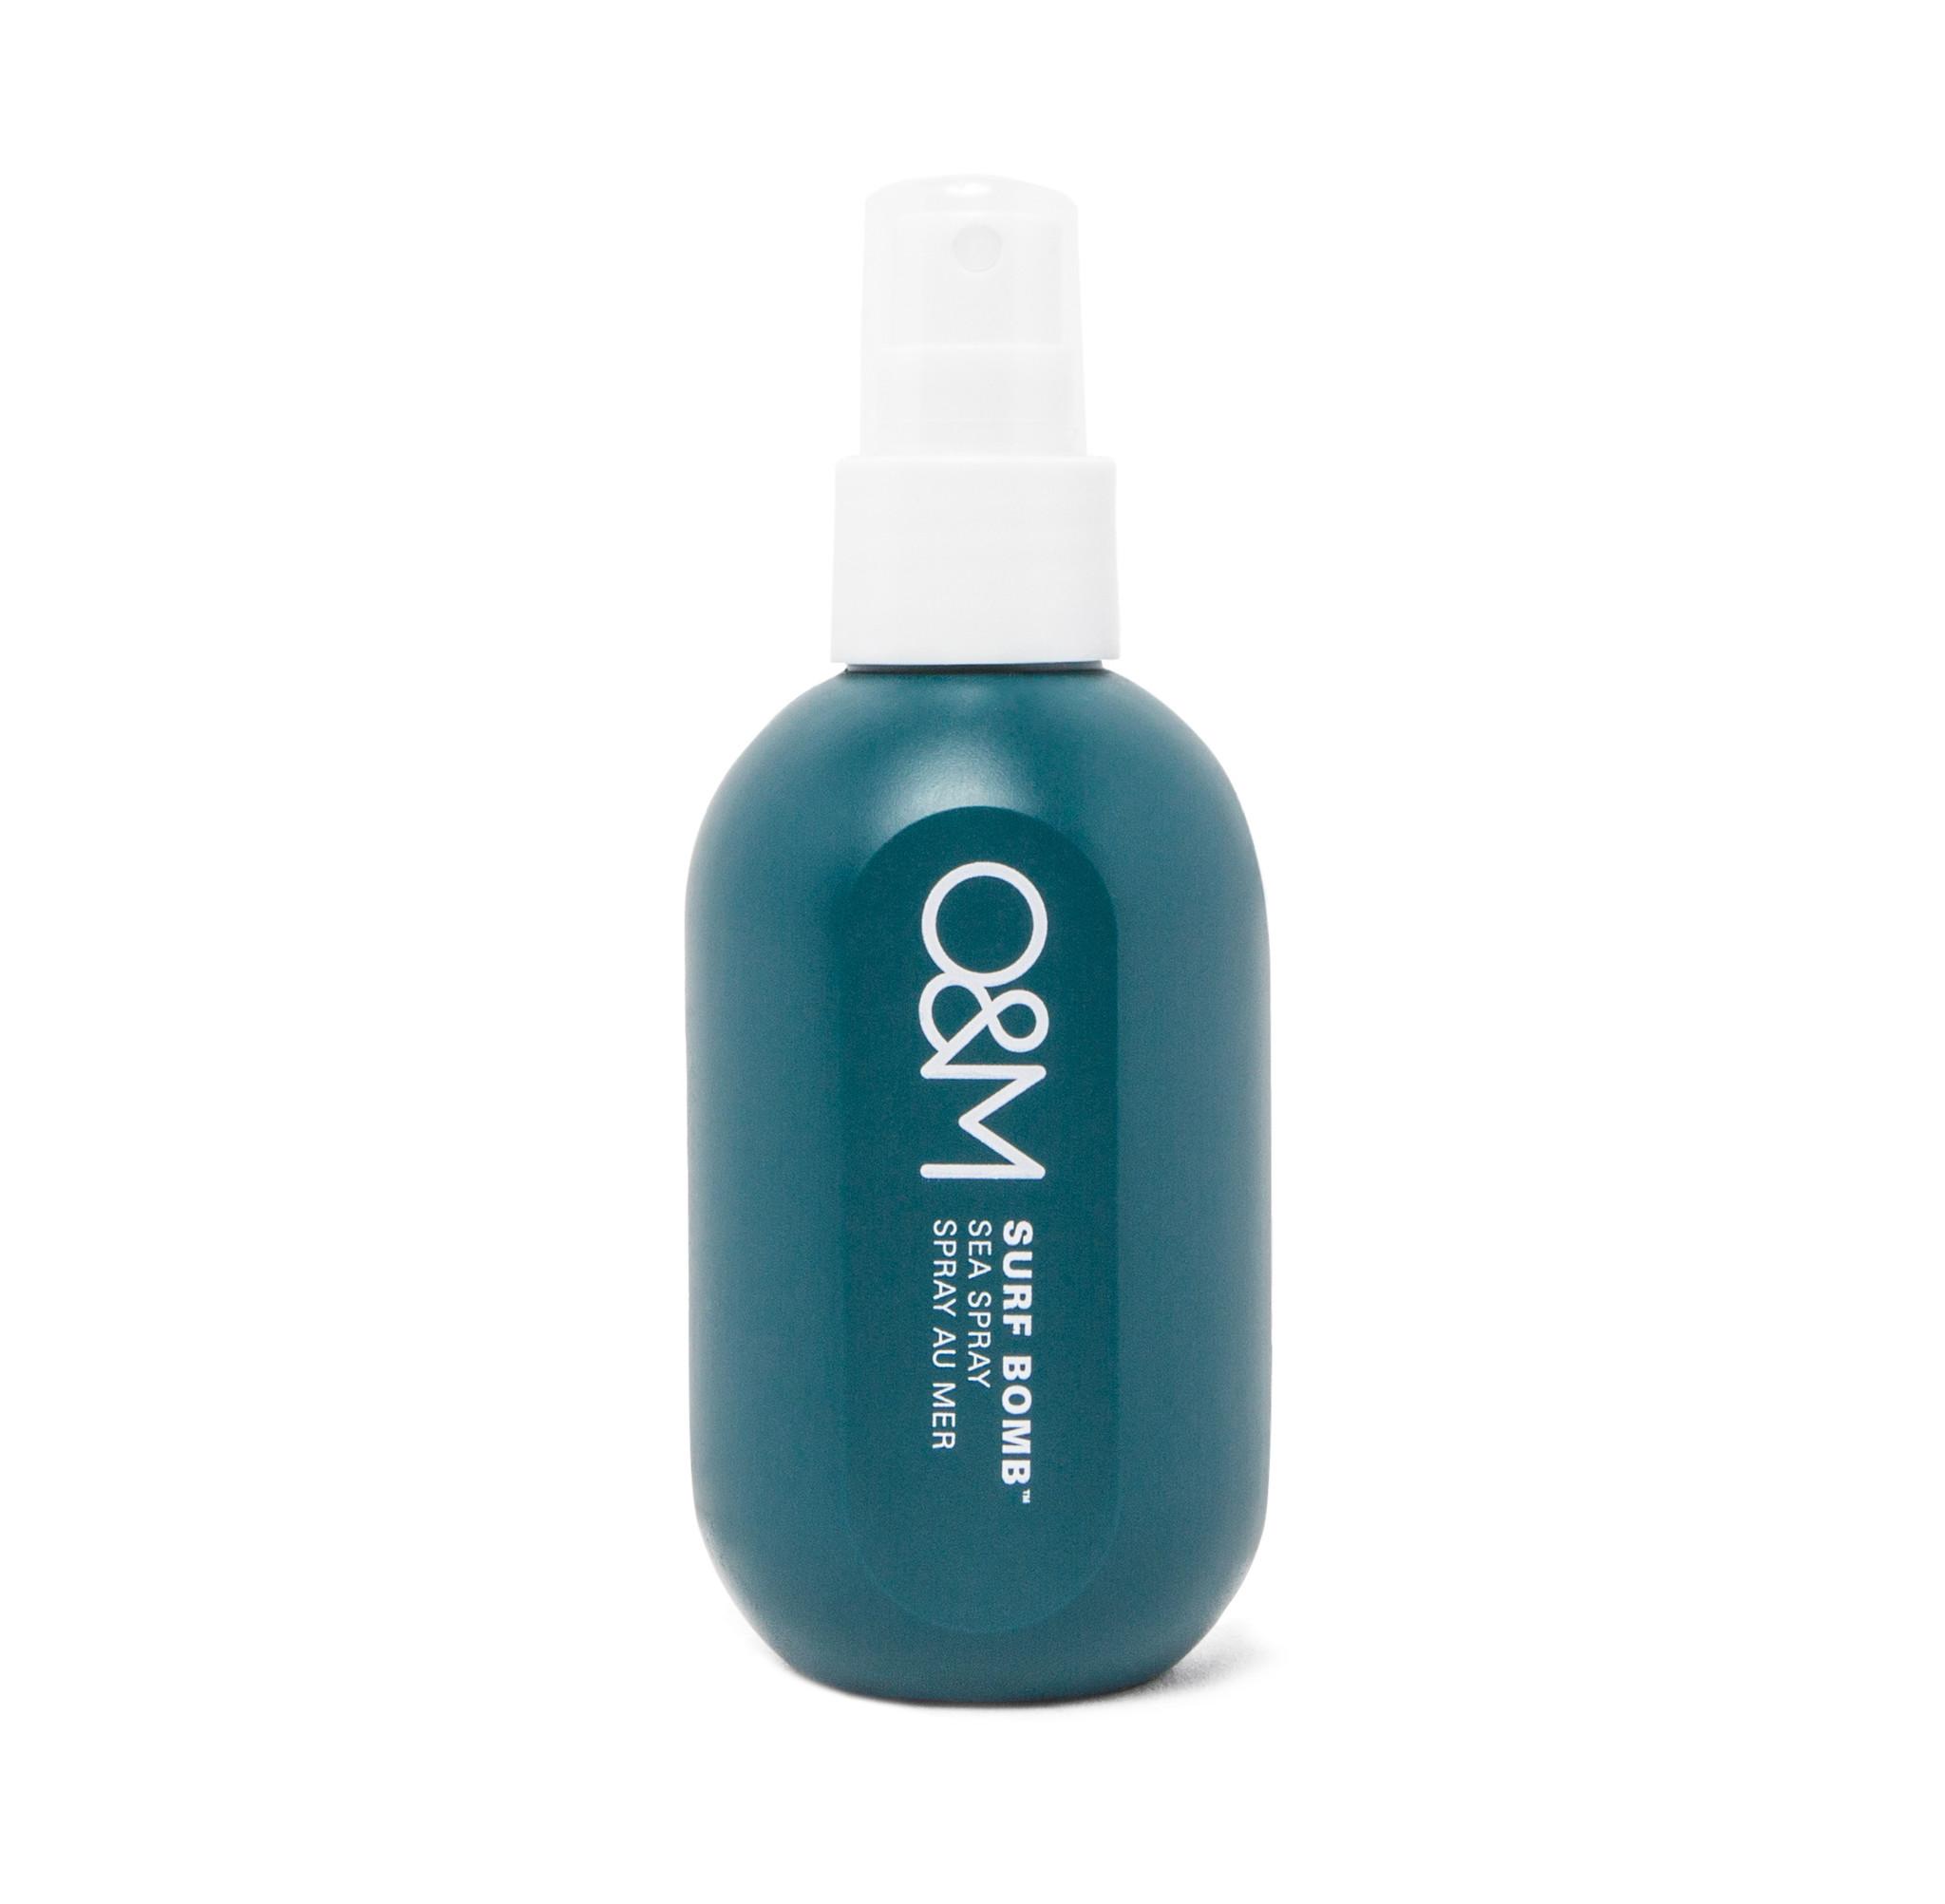 O&M - Original Mineral O&M Surf Bomb Sea Salt Spray - Spray au sel - 150ml